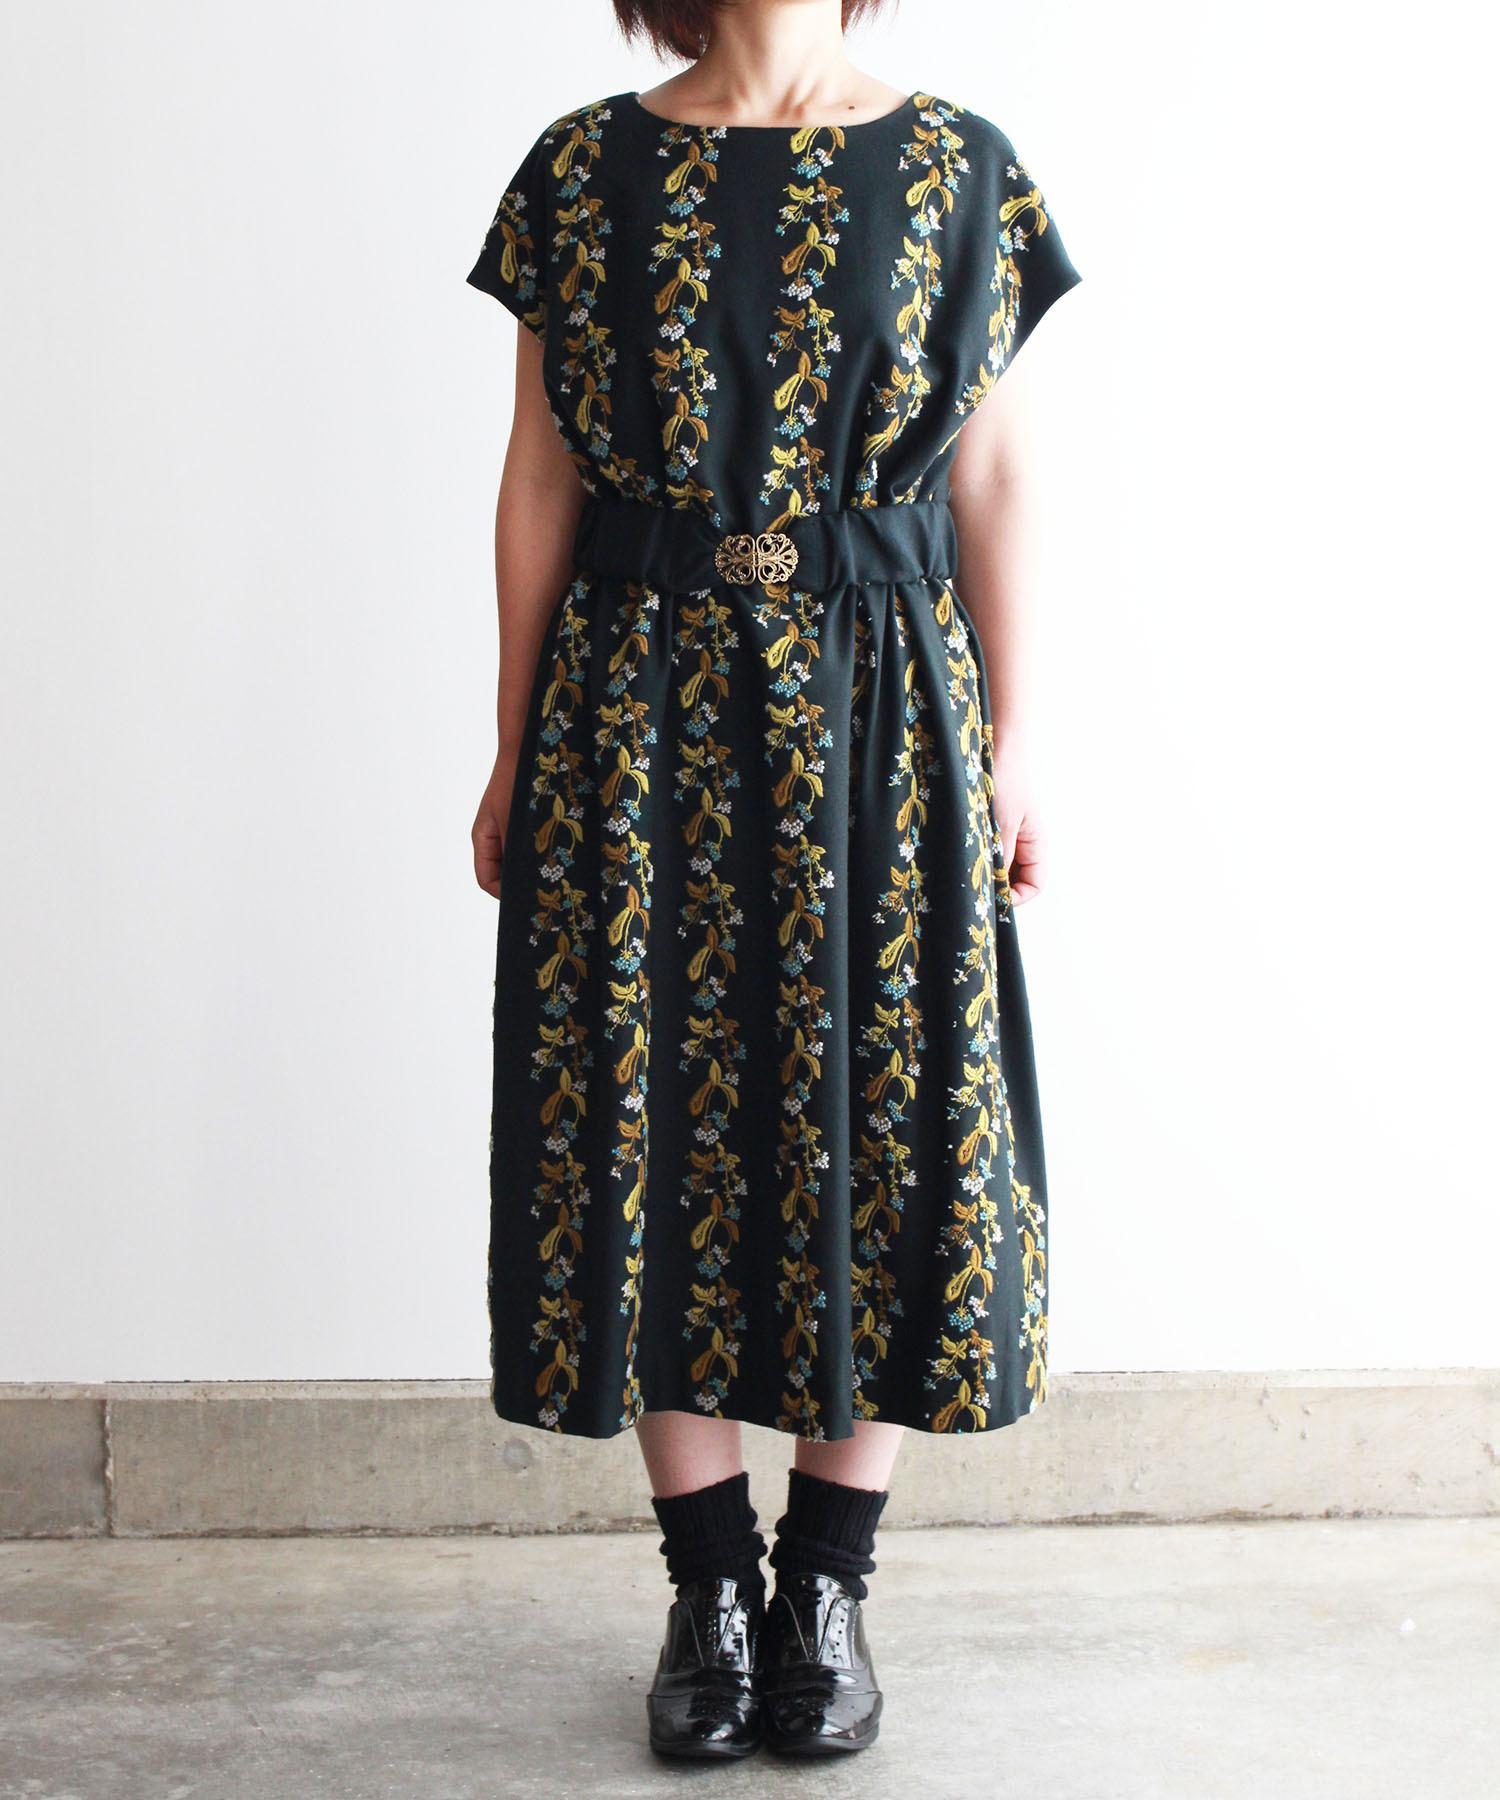 撫菜刺繍のゆったりワンピース ダークグリーン(evh636-GRN)